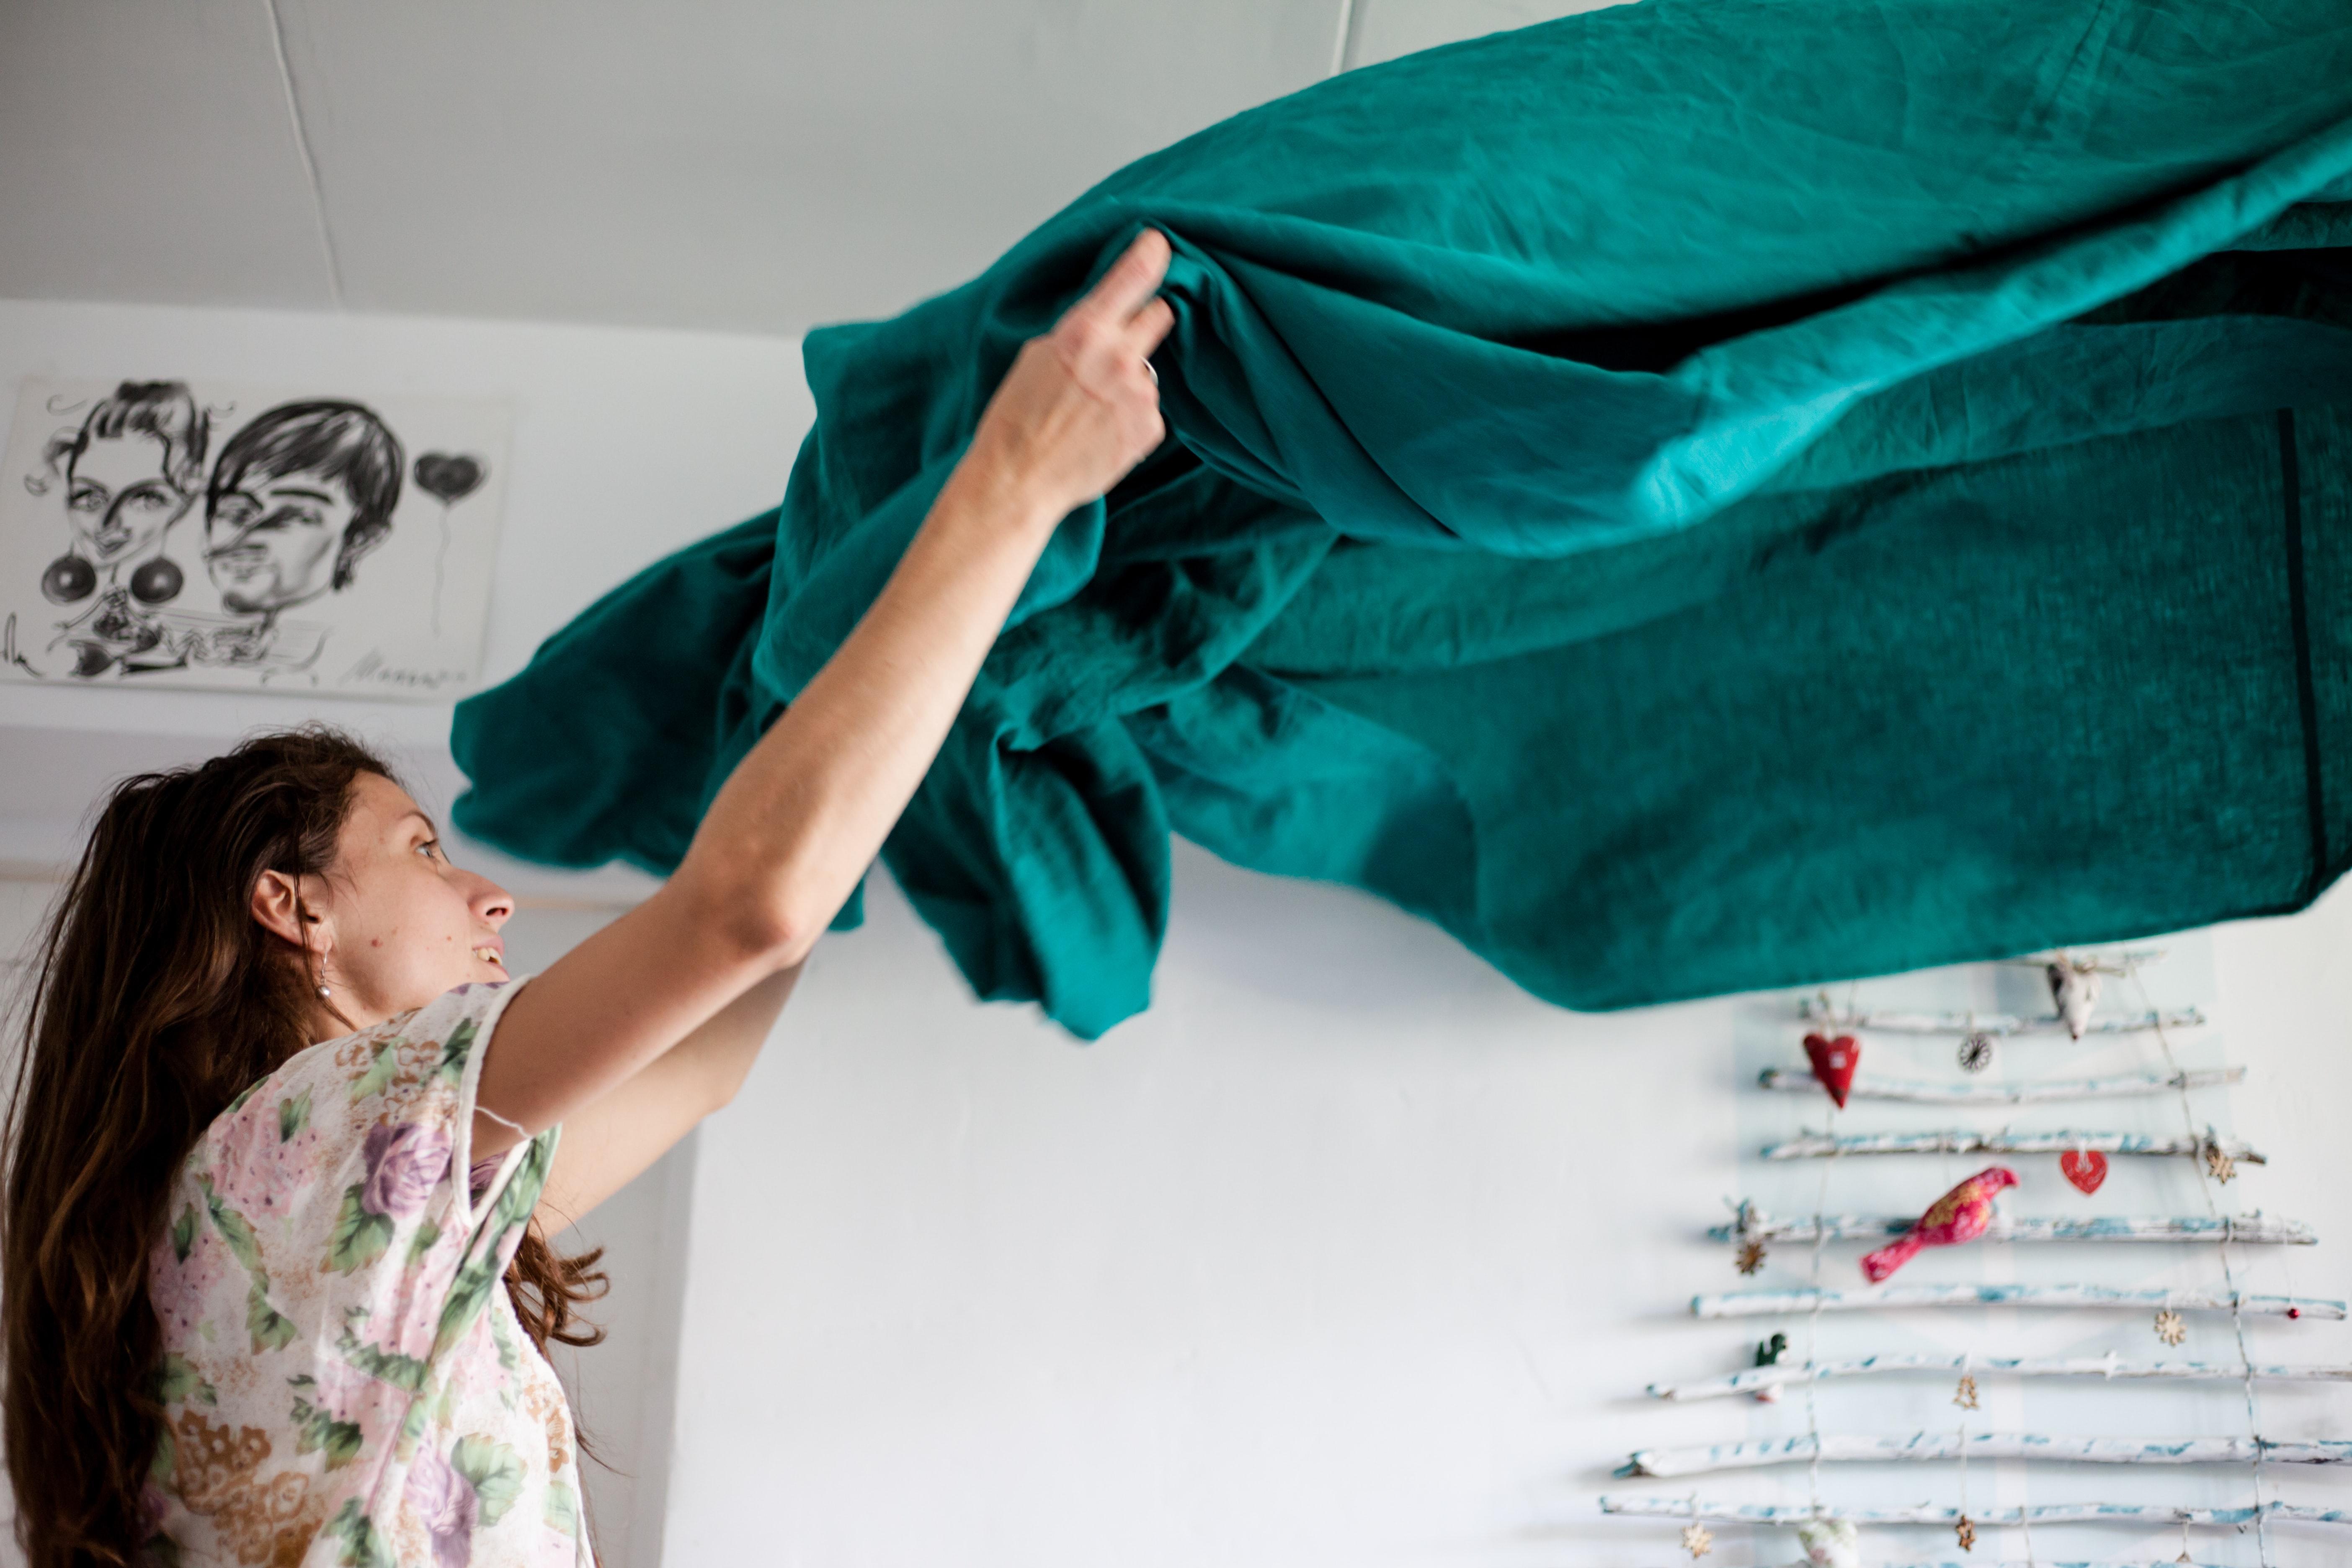 A woman airing sheets